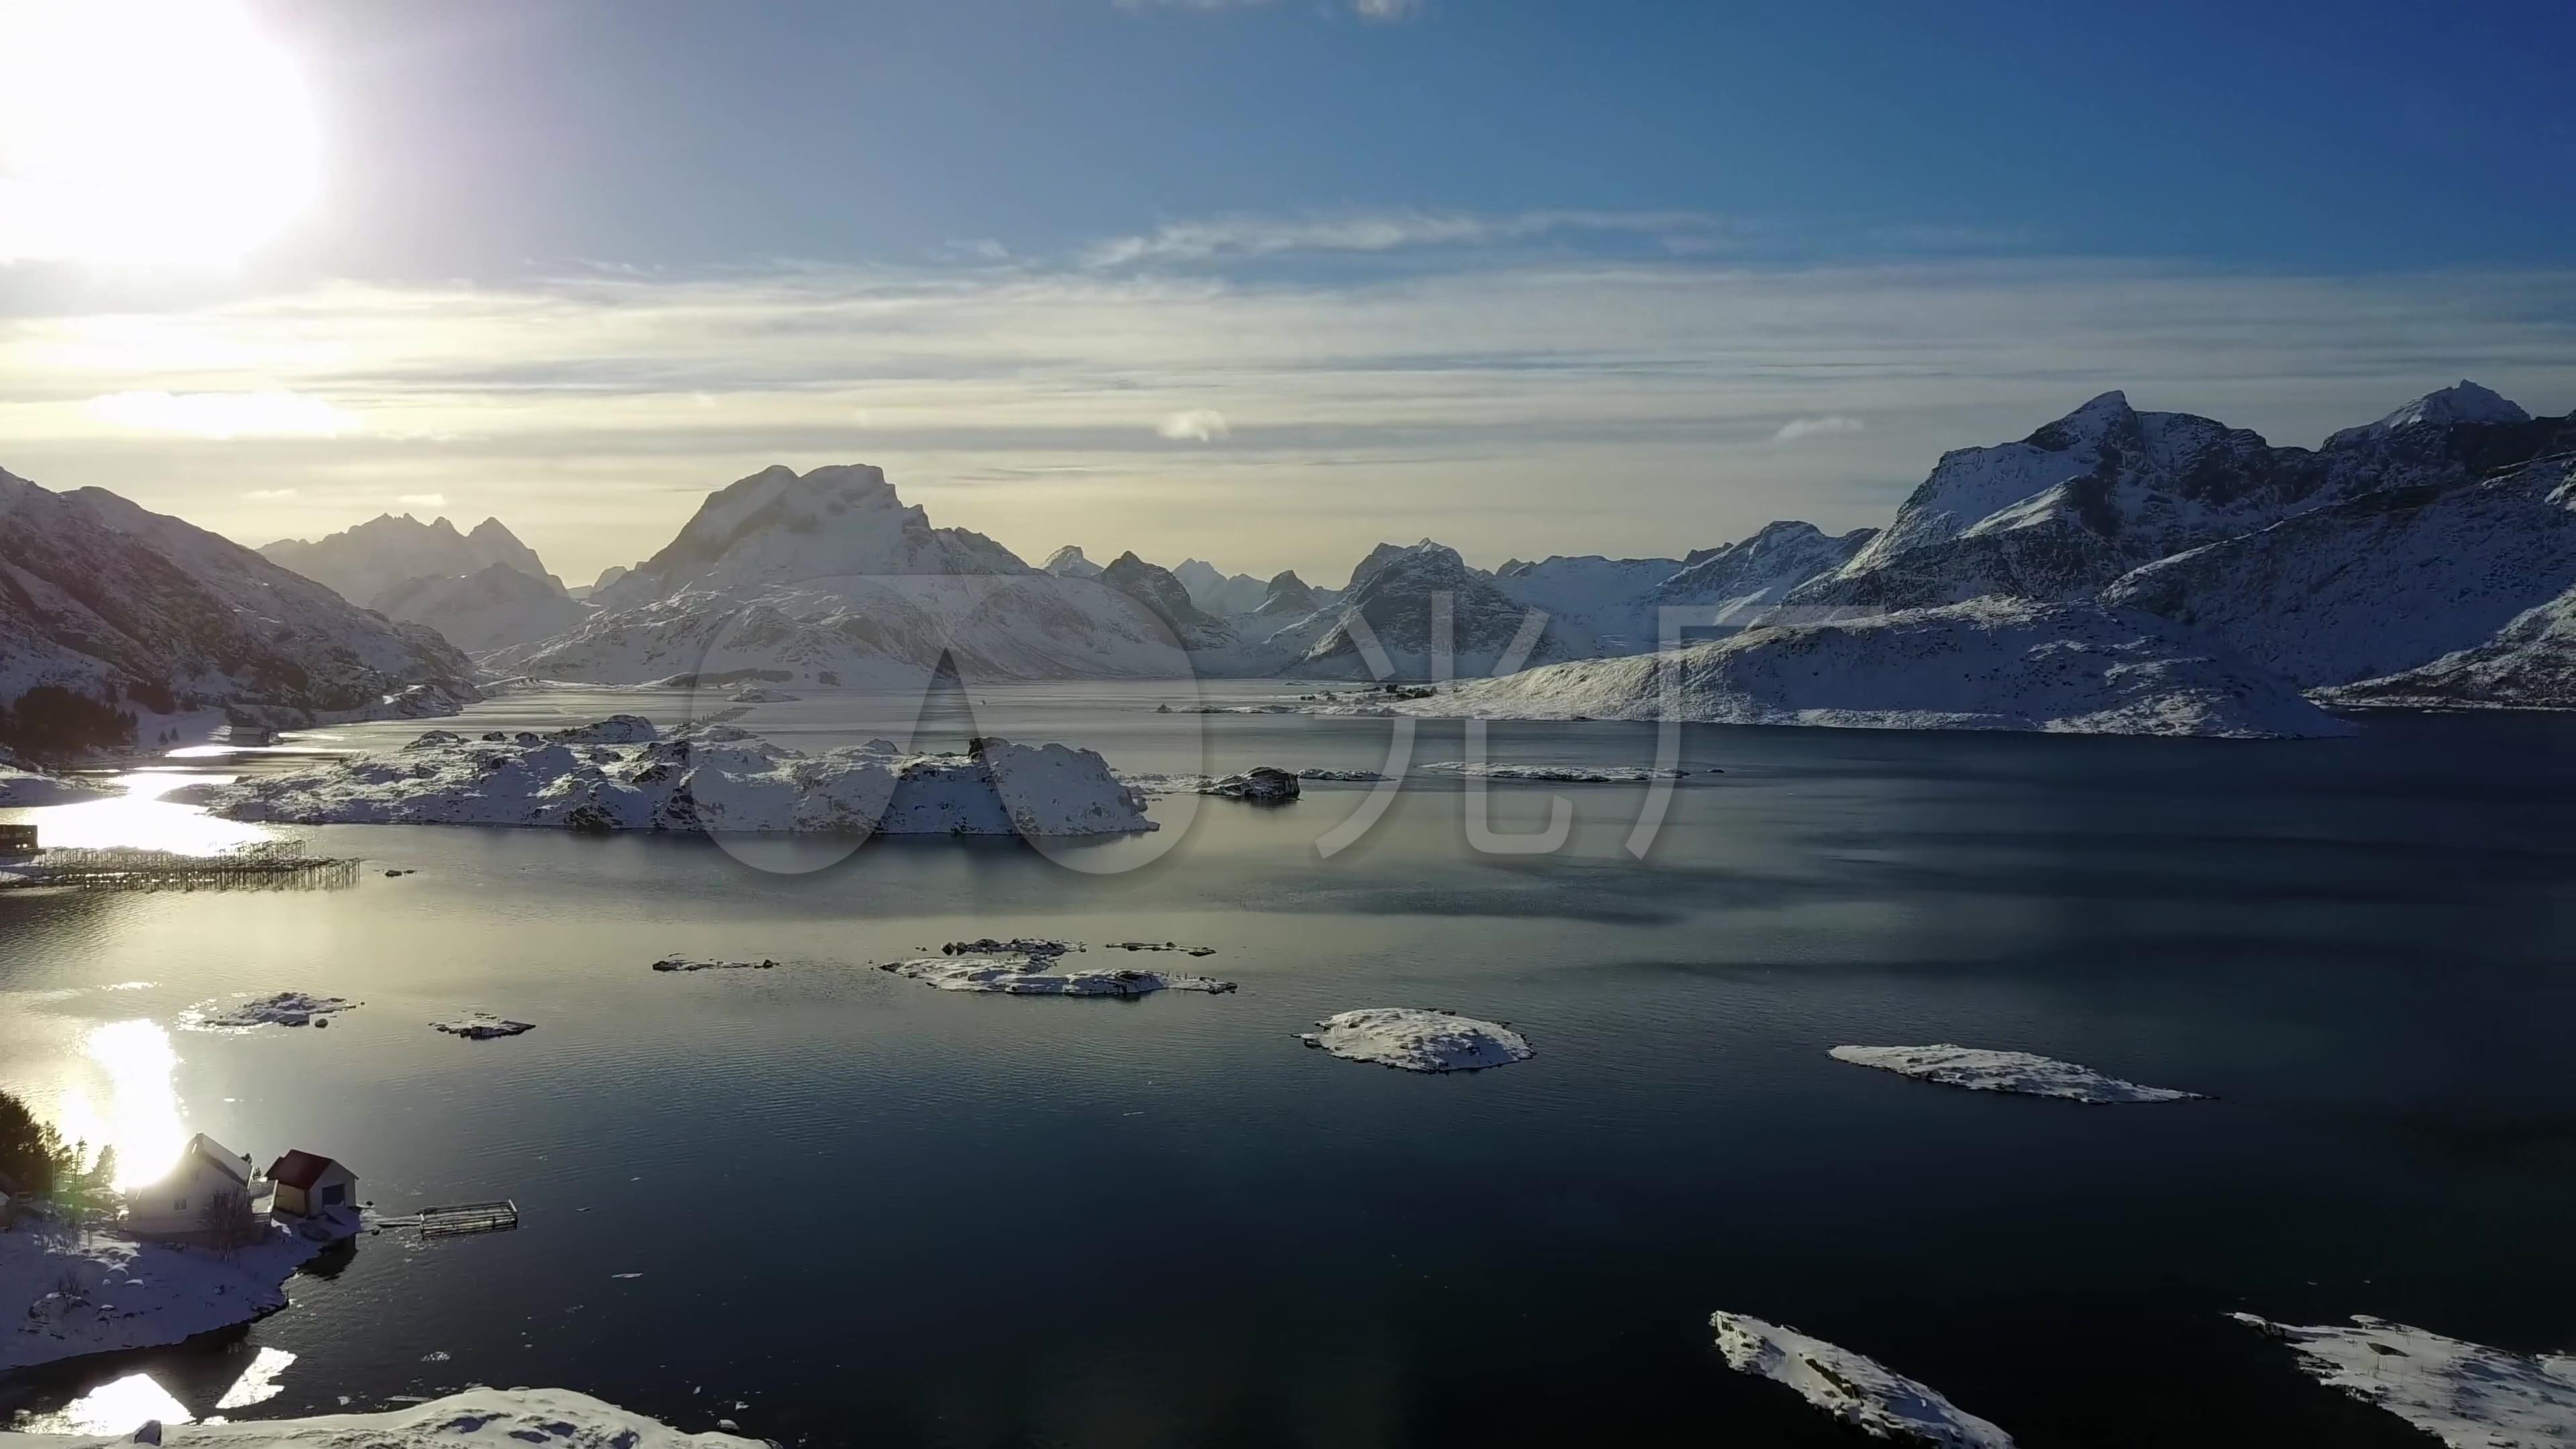 航拍挪威罗弗敦群岛雪山冰雪岛屿8316